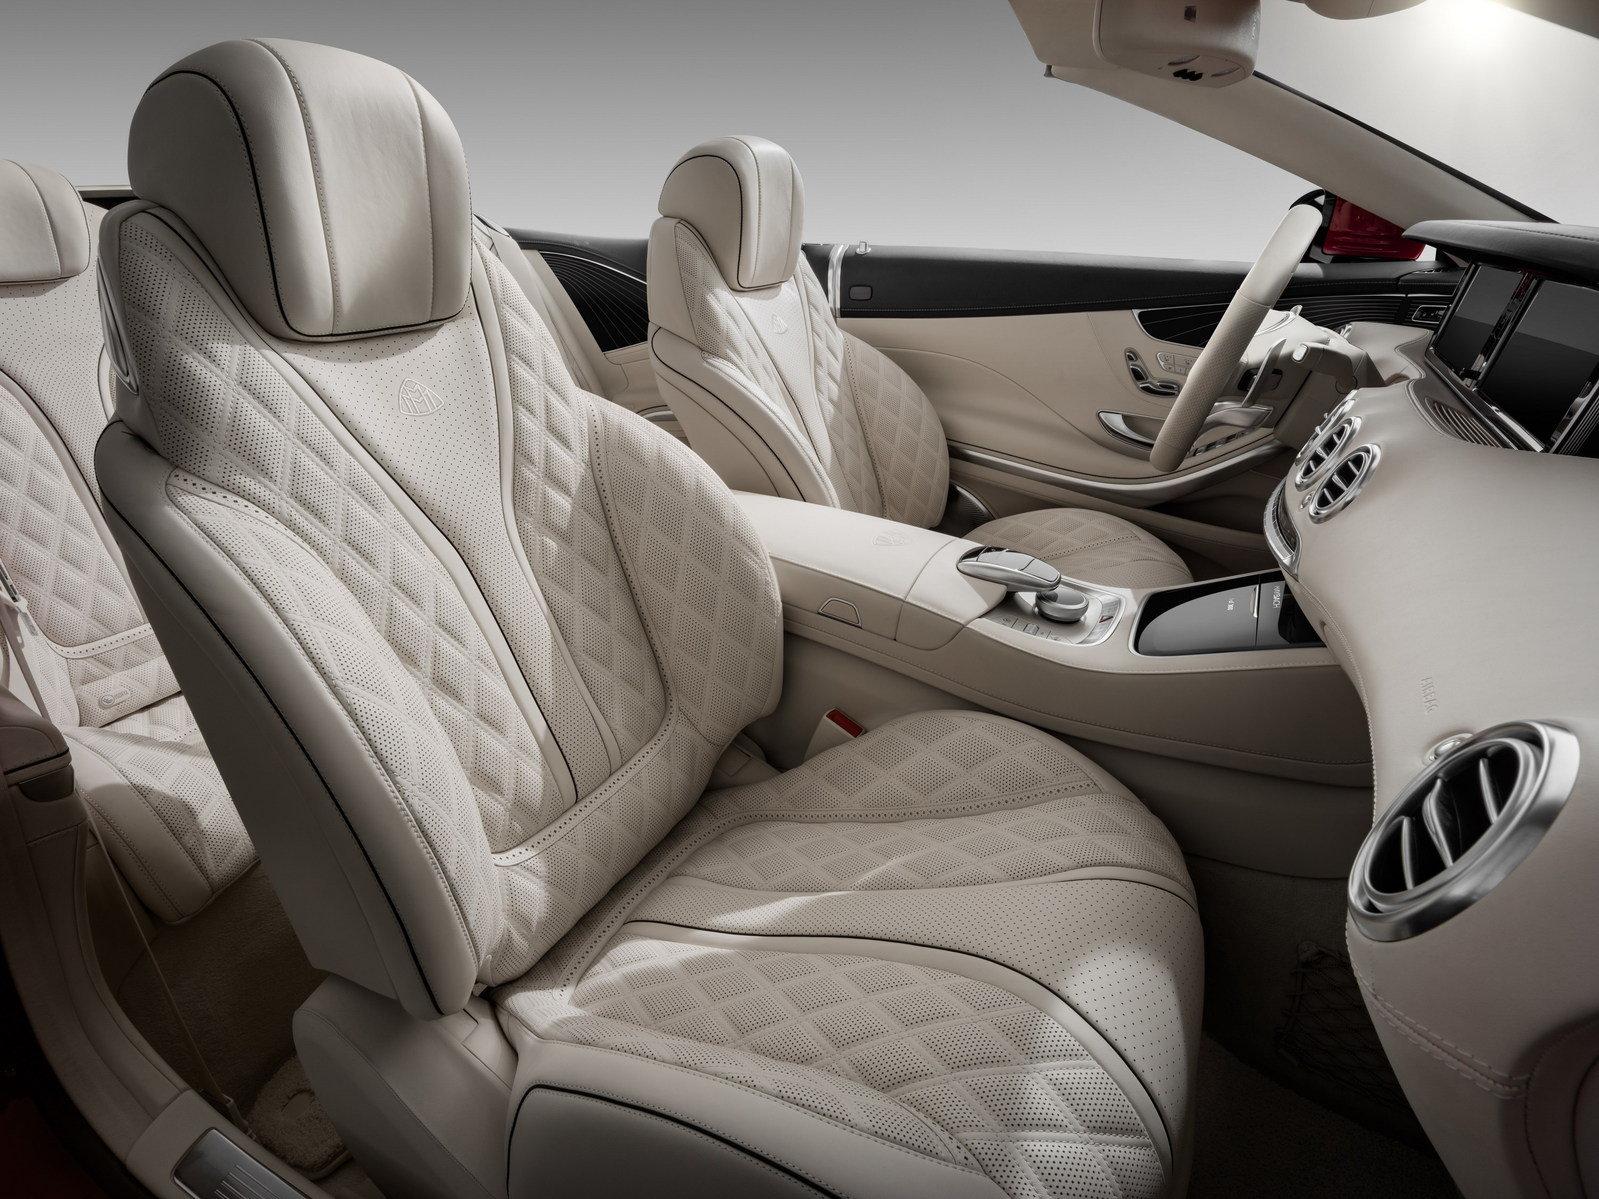 التصميم الداخلي للسيارة مرسيدس مايباخ S650 2018 المكشوفة